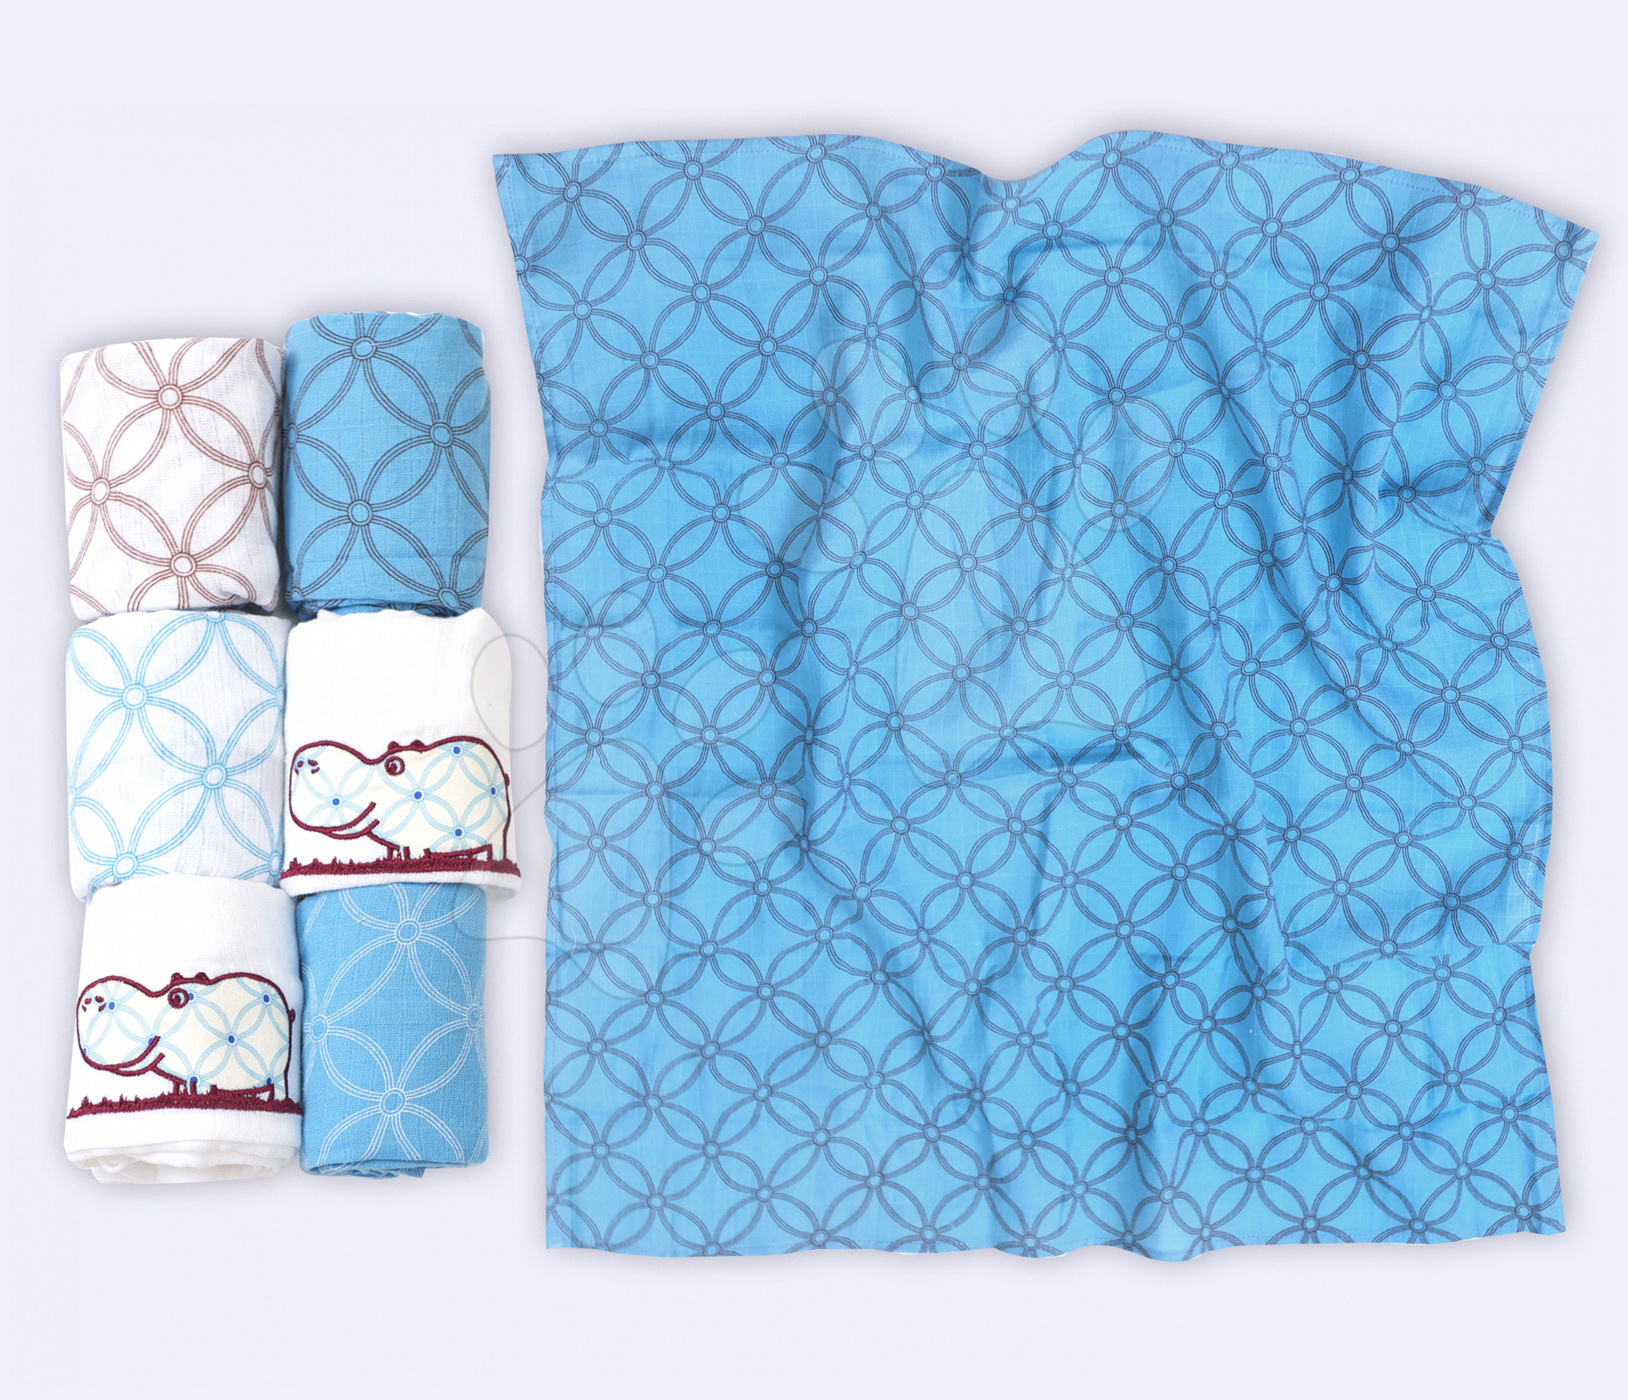 Bavlnené plienky pre bábätko toTs modré